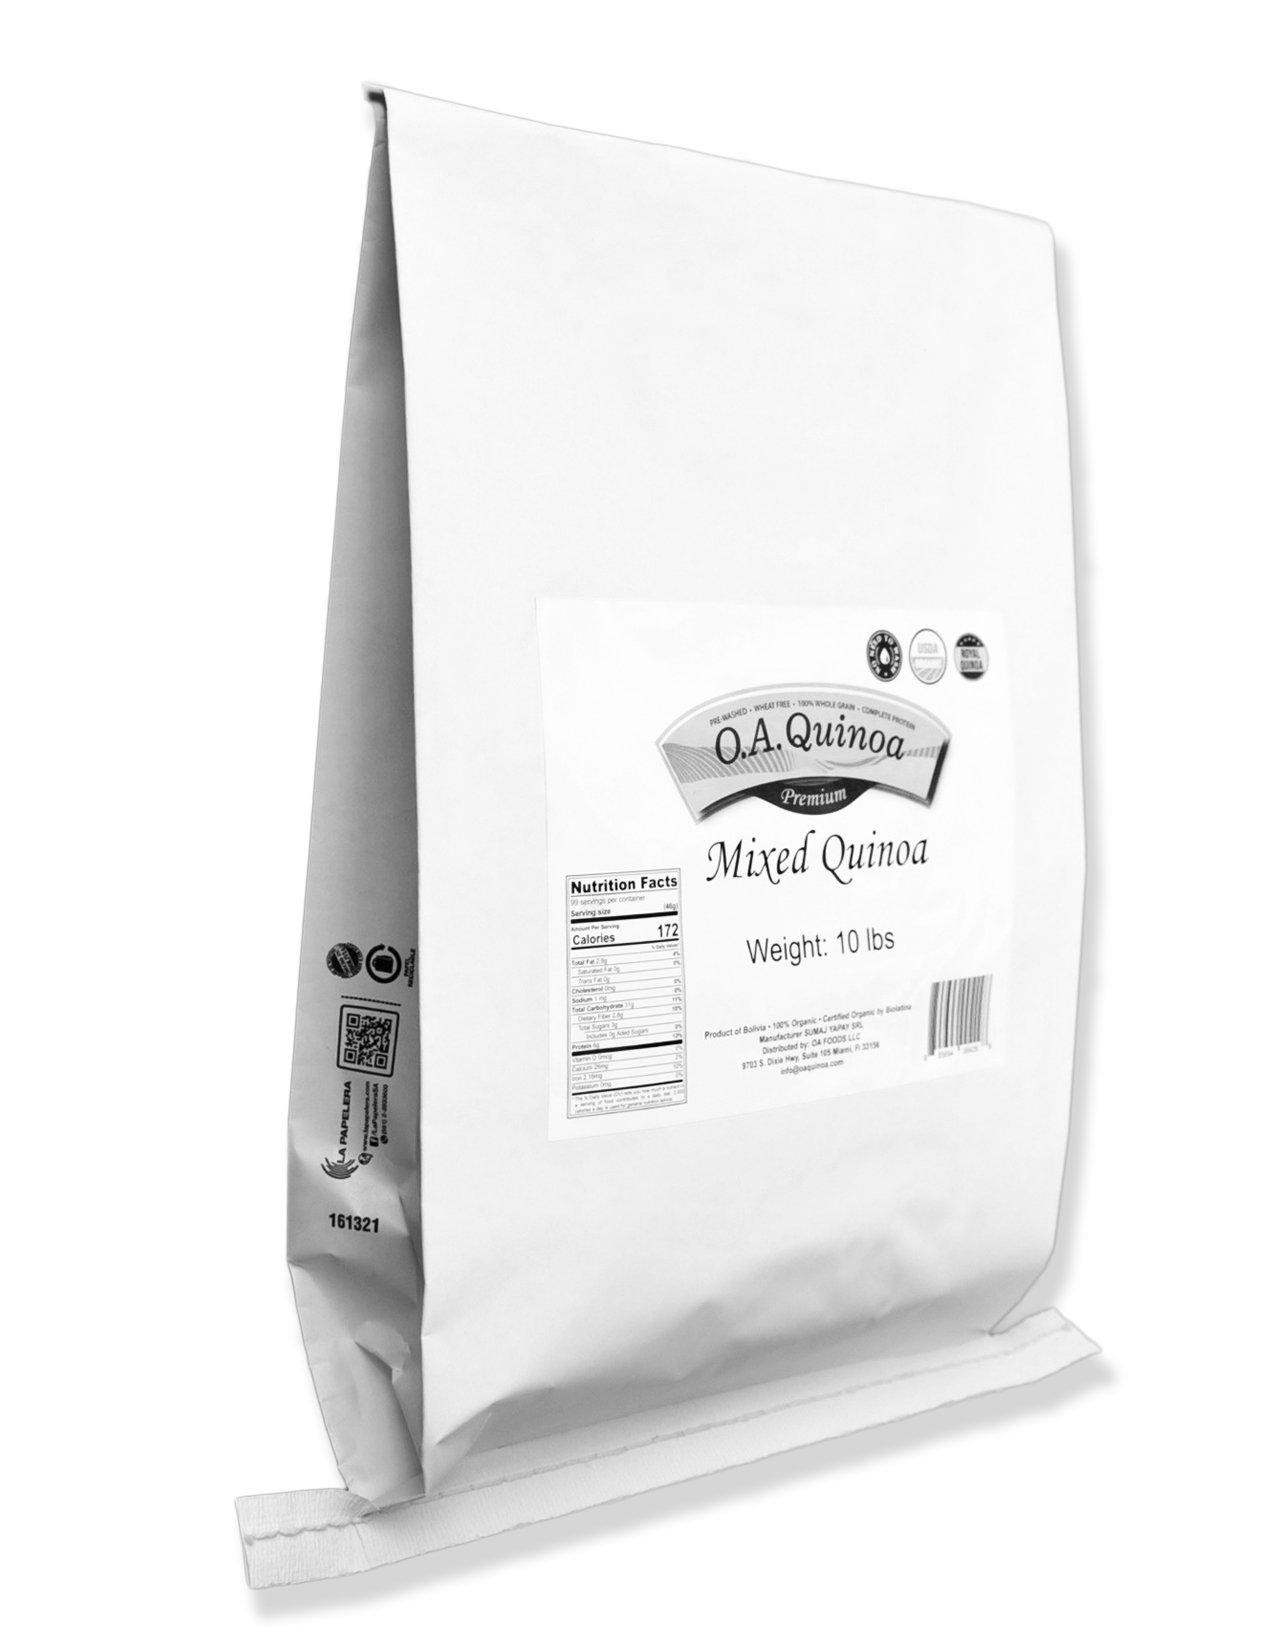 Royal Organic Tri Color OA Quinoa (10 Lb Bag) by OA QUINOA (Image #1)